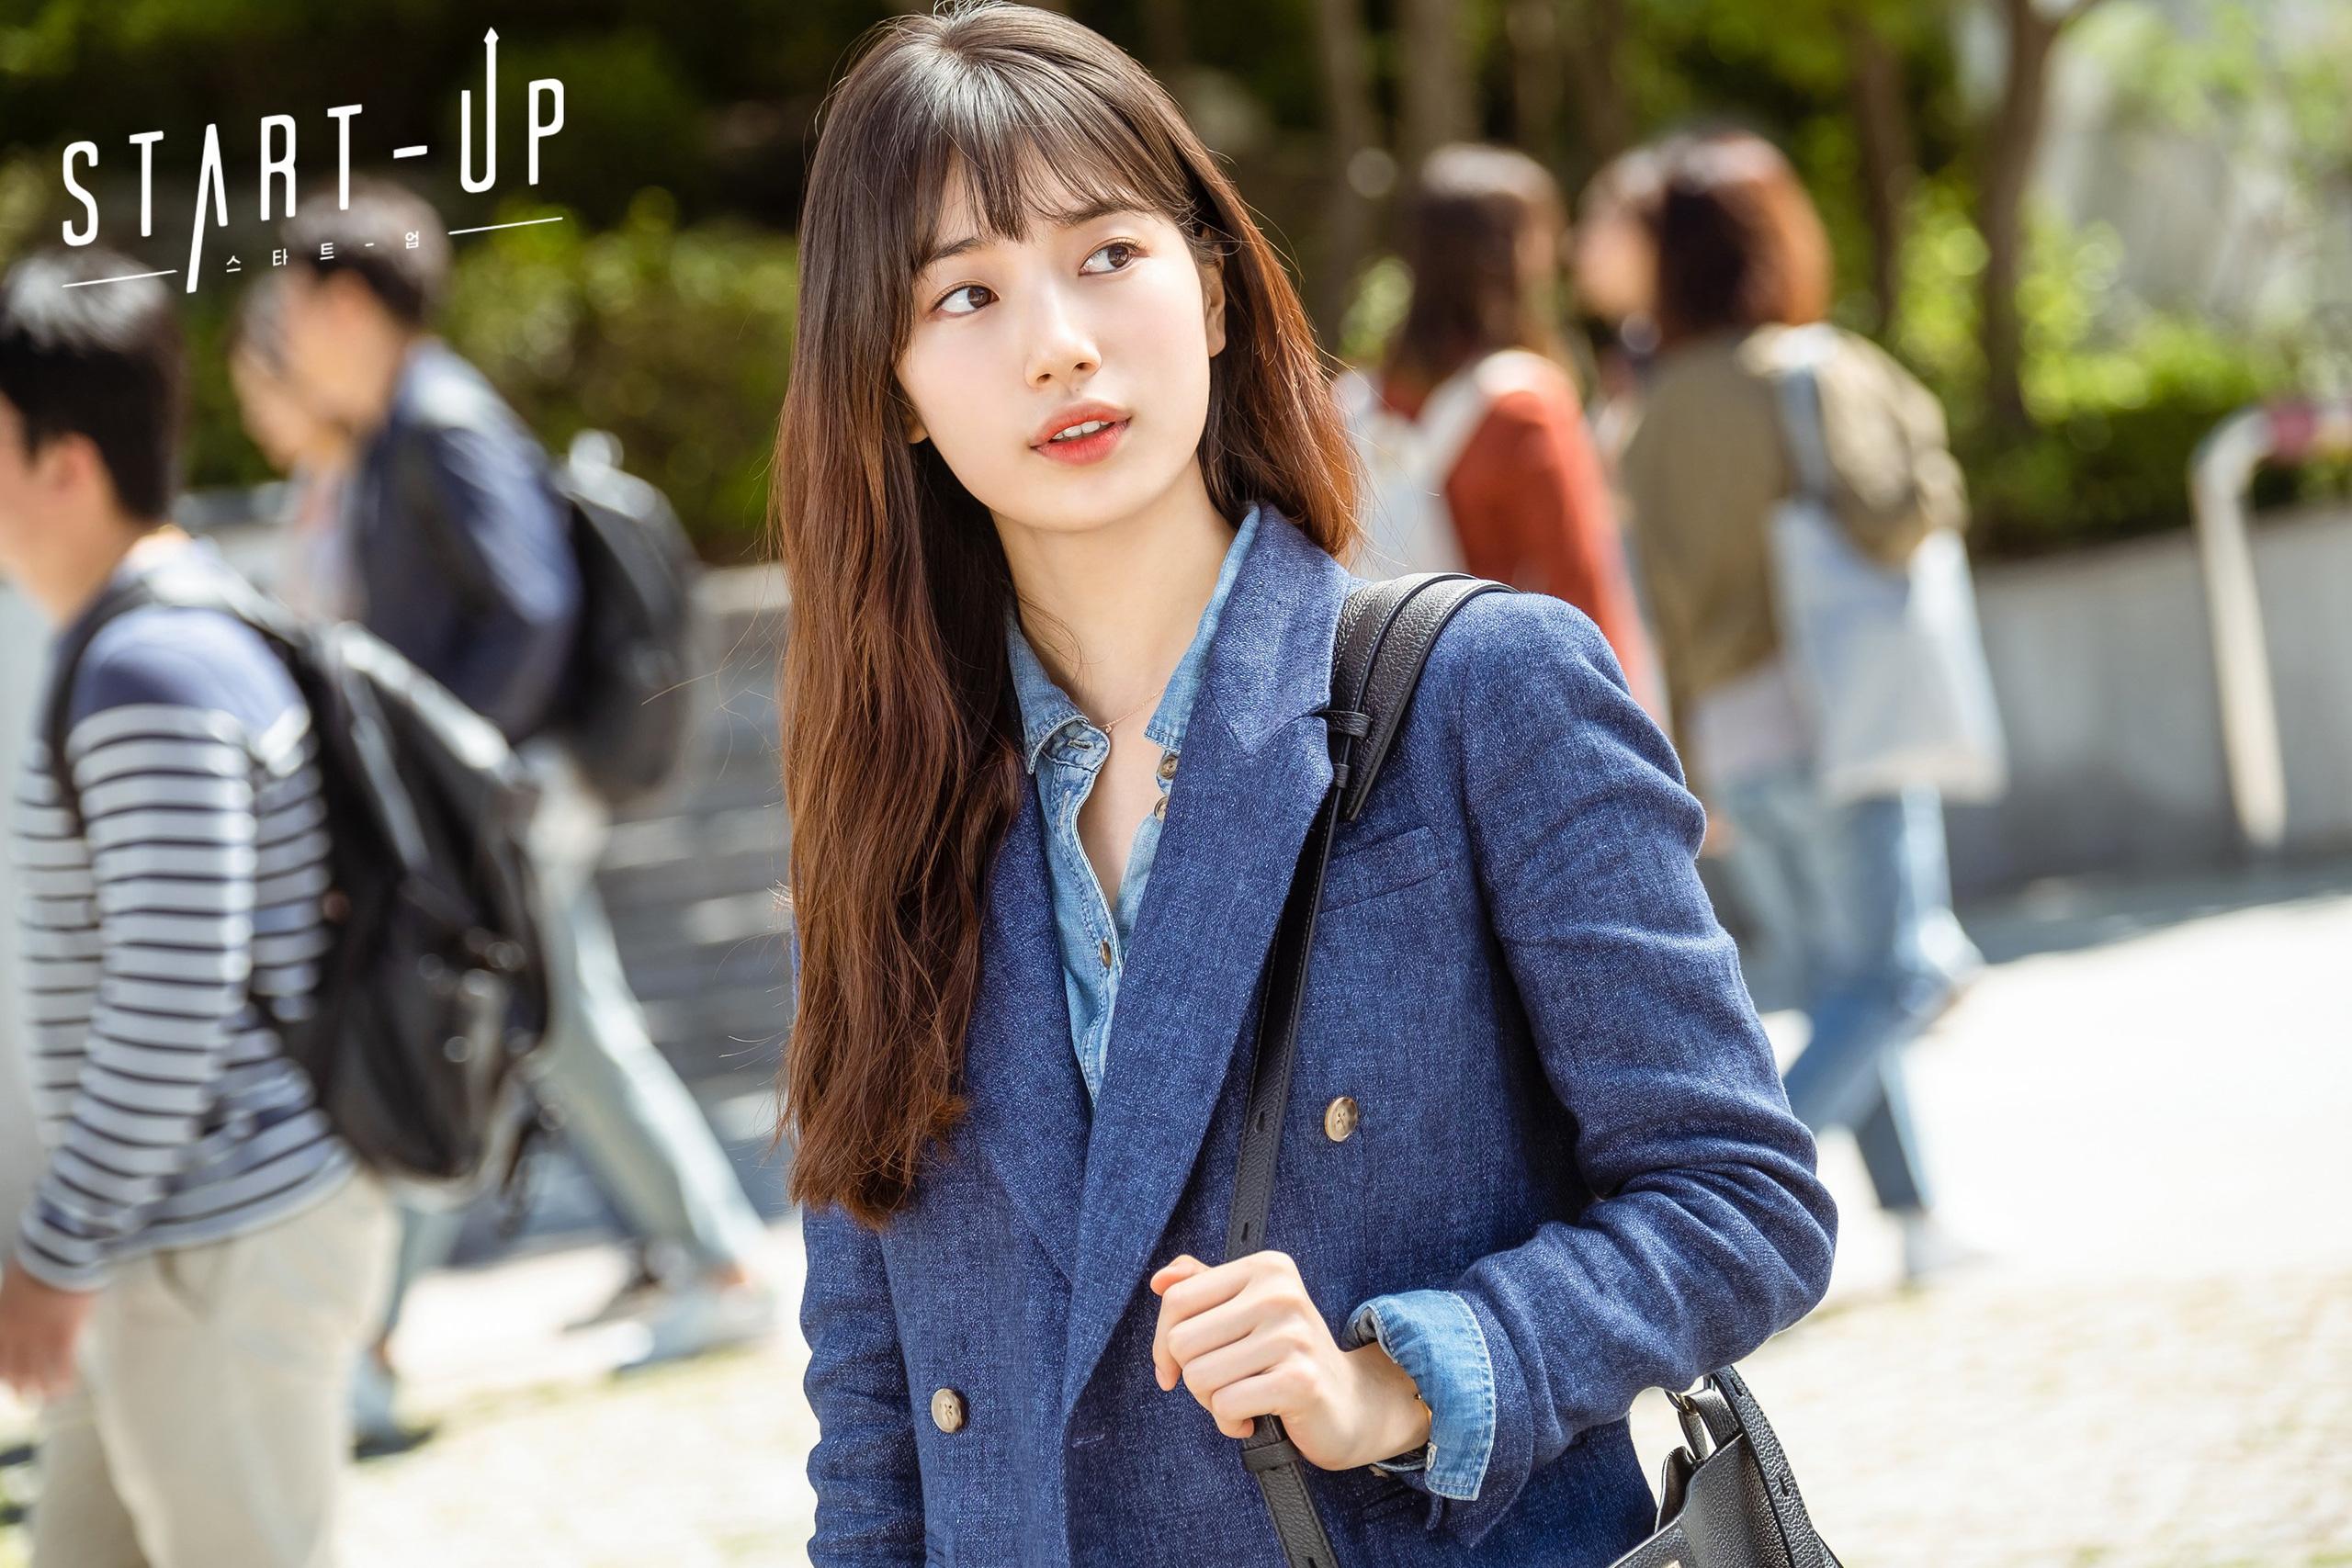 Học ngay Suzy trong Star-Up 4 cách diện áo sơ mi trẻ trung, siêu thanh lịch và còn đẹp từ Hè sang Đông - Ảnh 7.